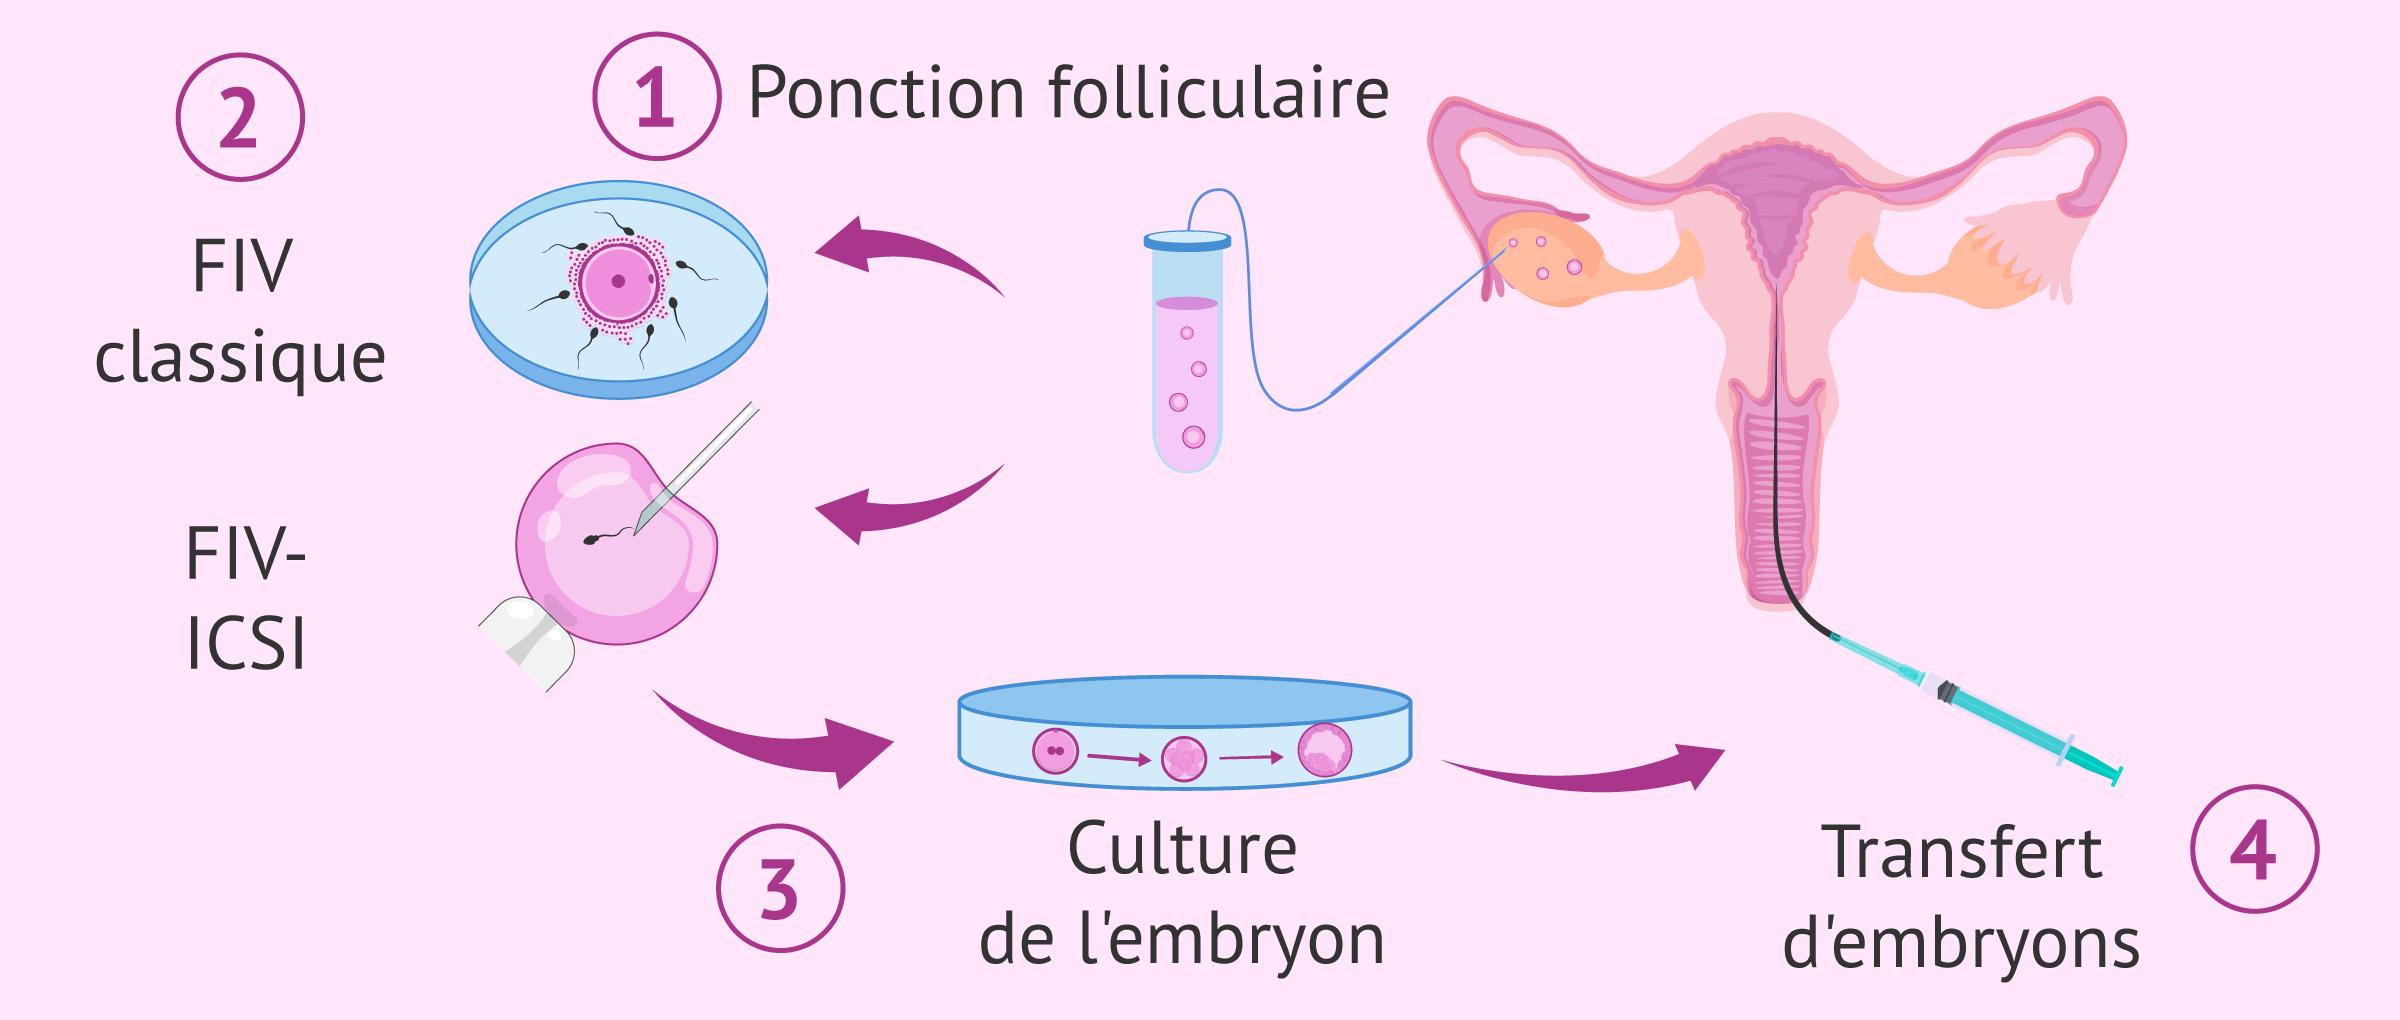 La procédure de FIV classique